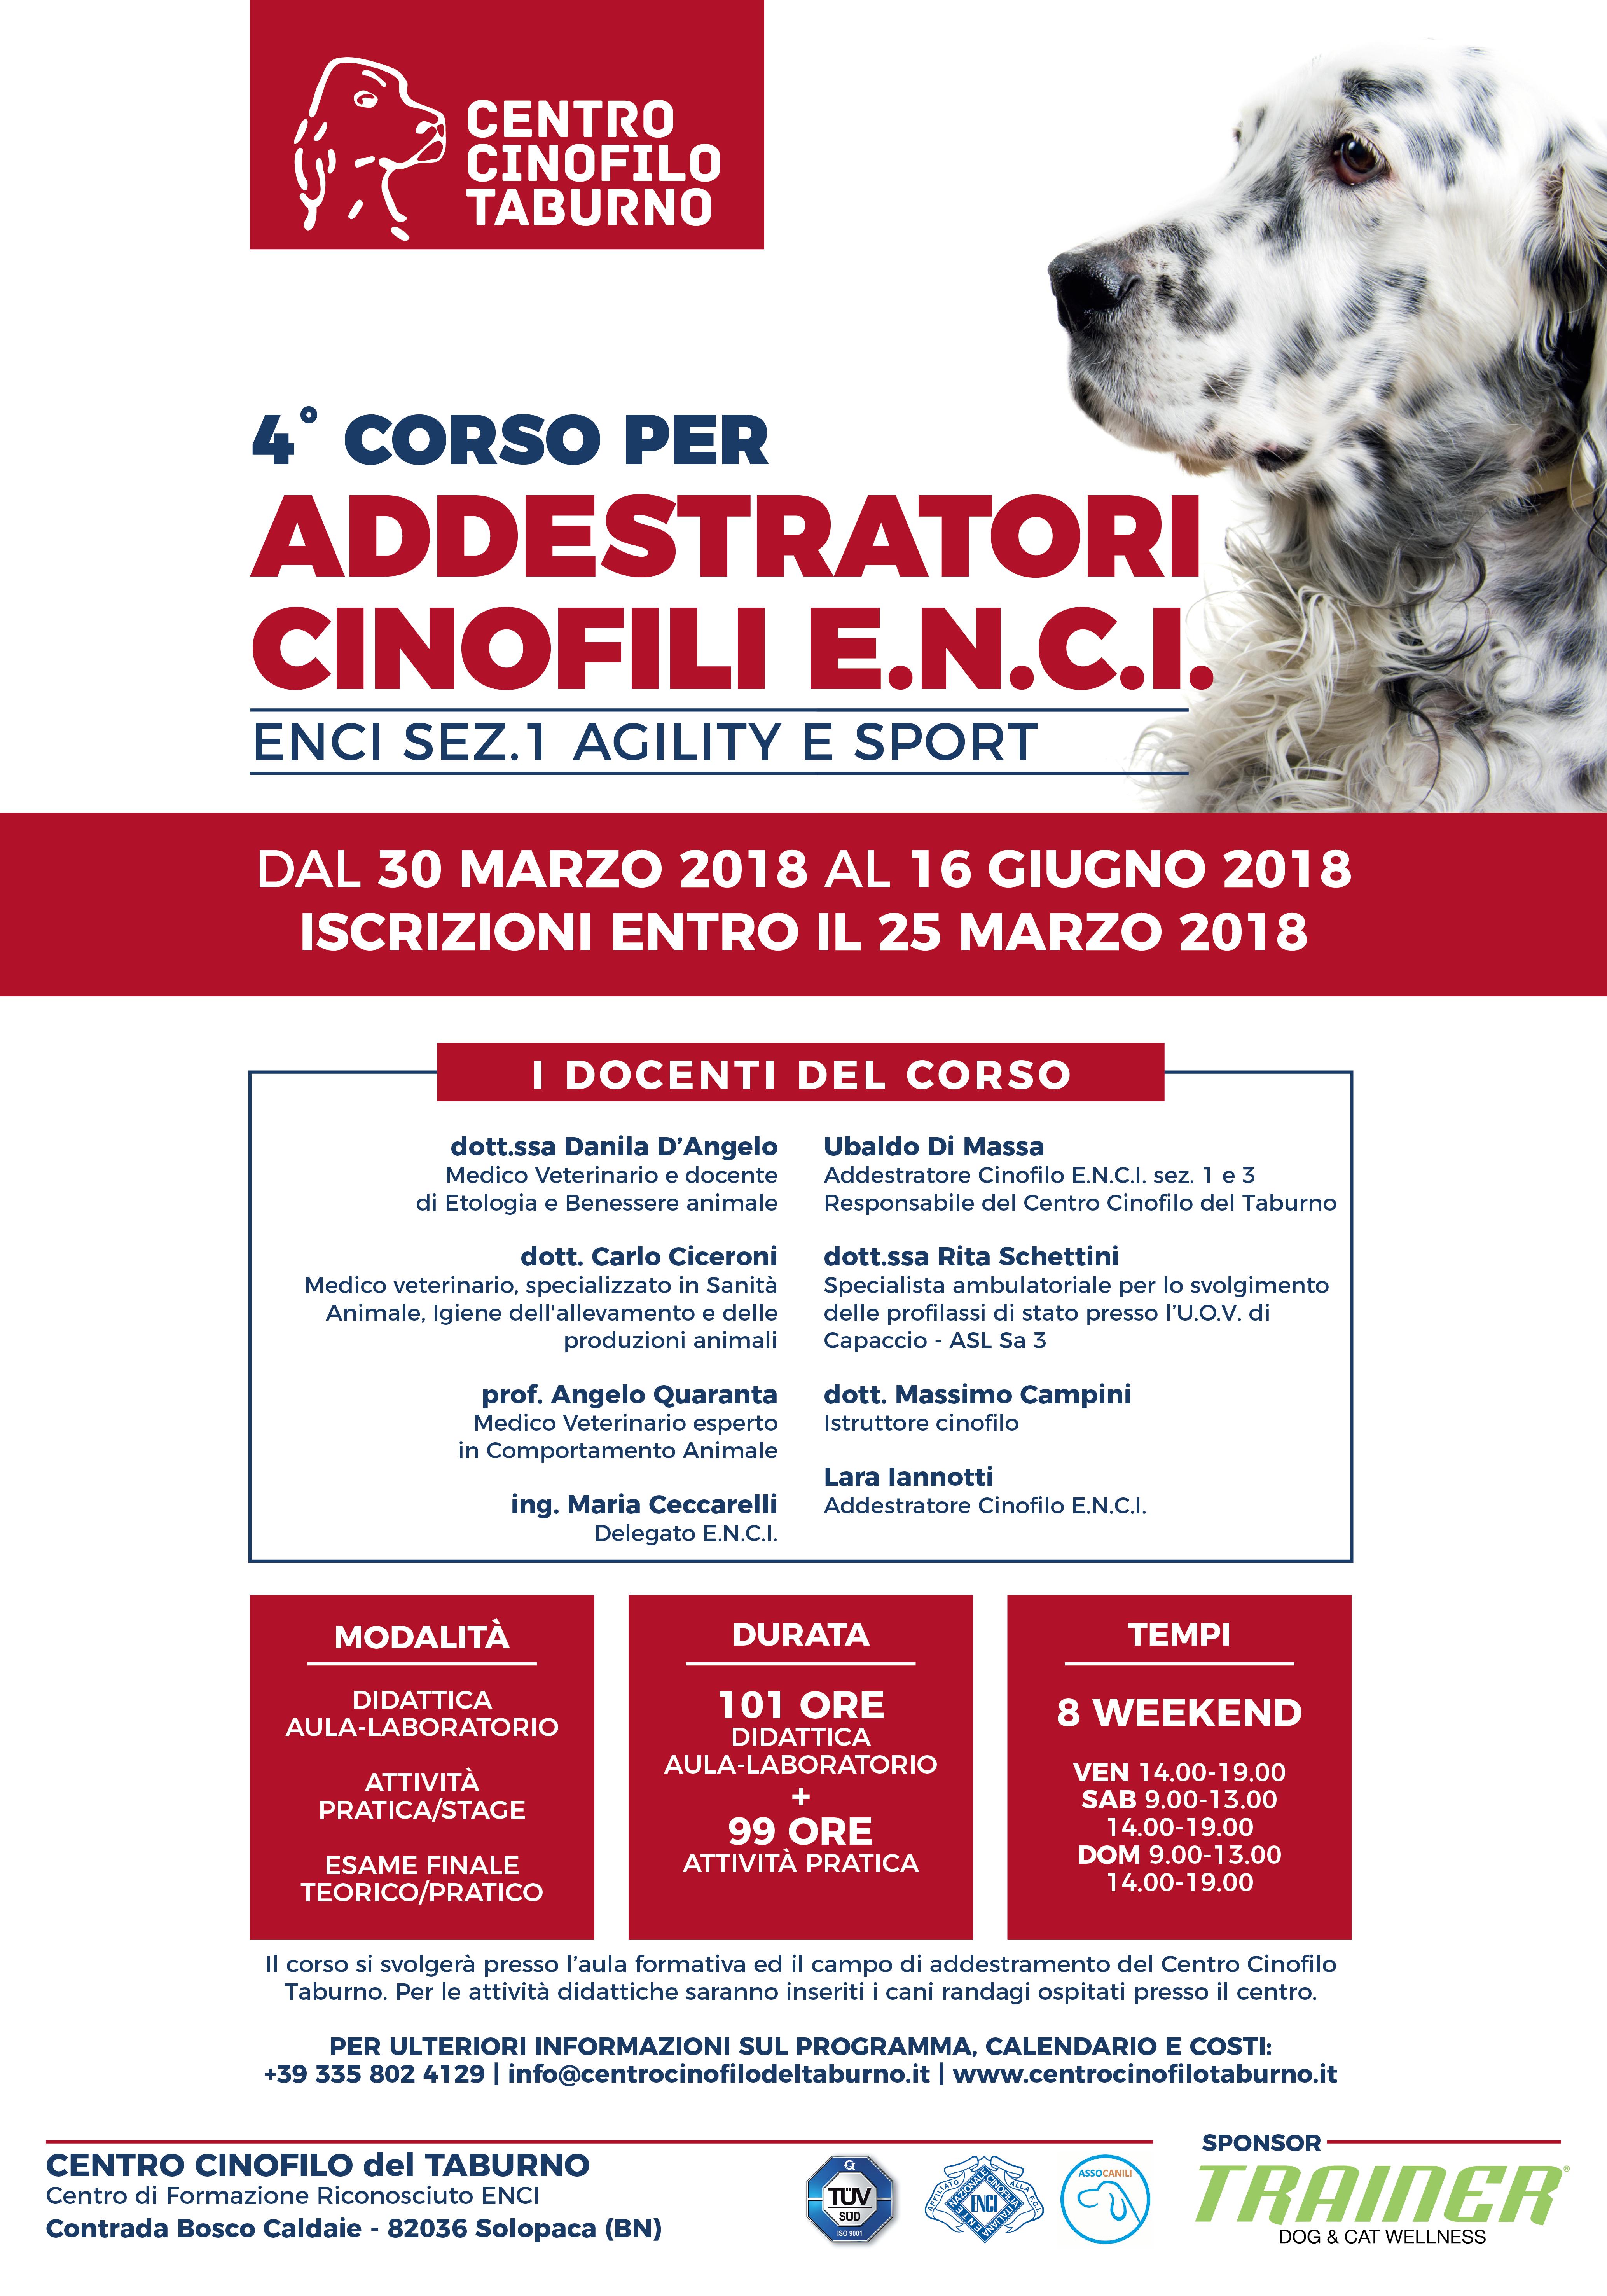 IV CORSO ADDESTRATORE CINOFILO ENCI